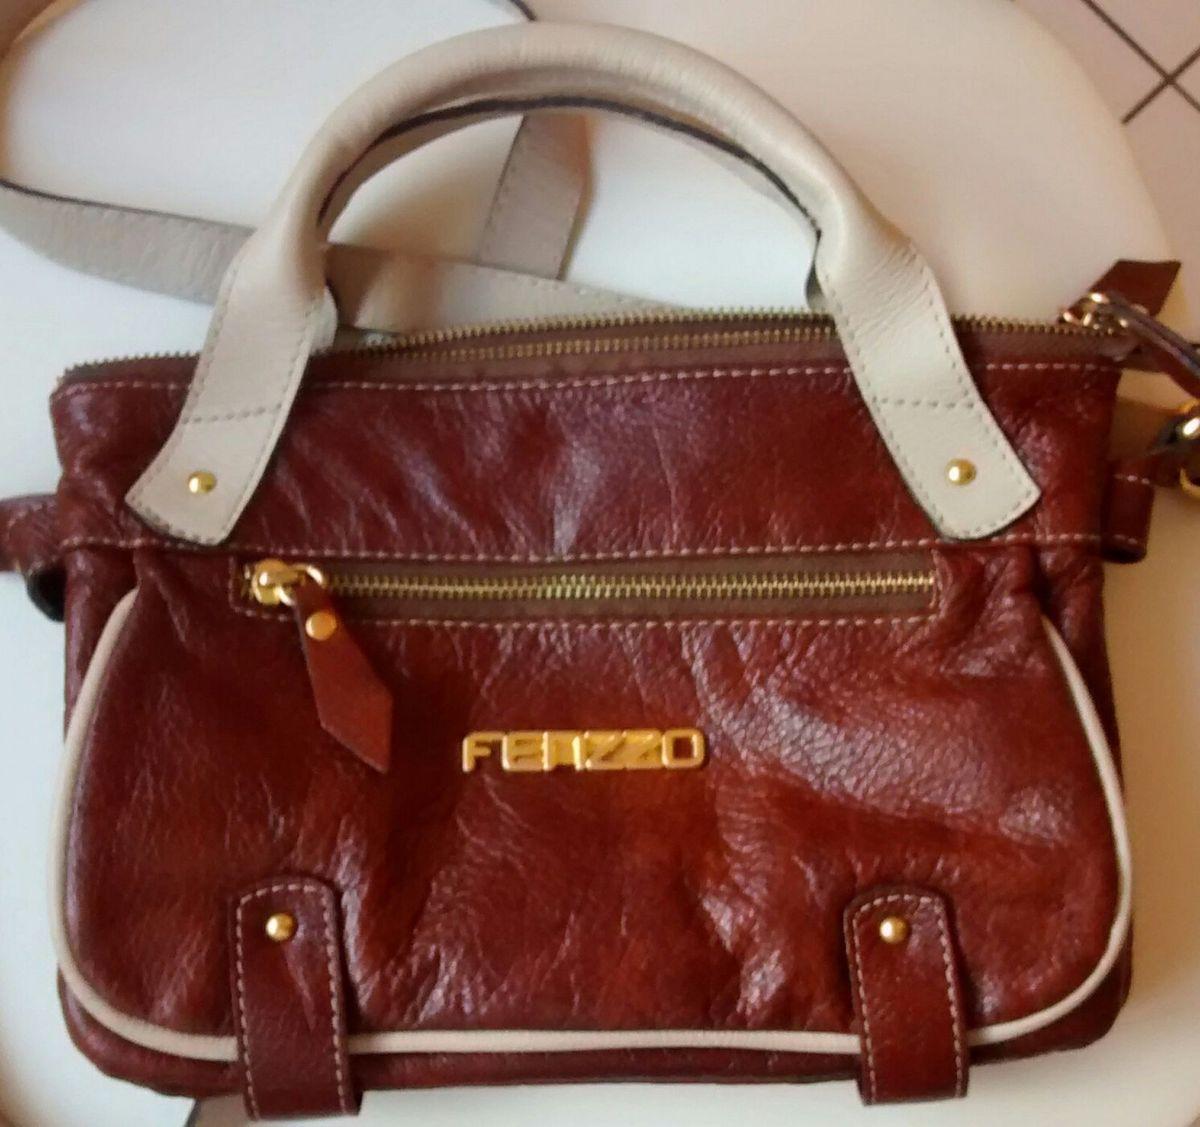 75e9502a4 bolsa fenzzo - de mão fenzzo.  Czm6ly9wag90b3muzw5qb2vplmnvbs5ici9wcm9kdwn0cy8zotiznjivnjcymjazzdnlyzk0yjq0ymfiyzk2mmfhyjc0zjgwyzcuanbn